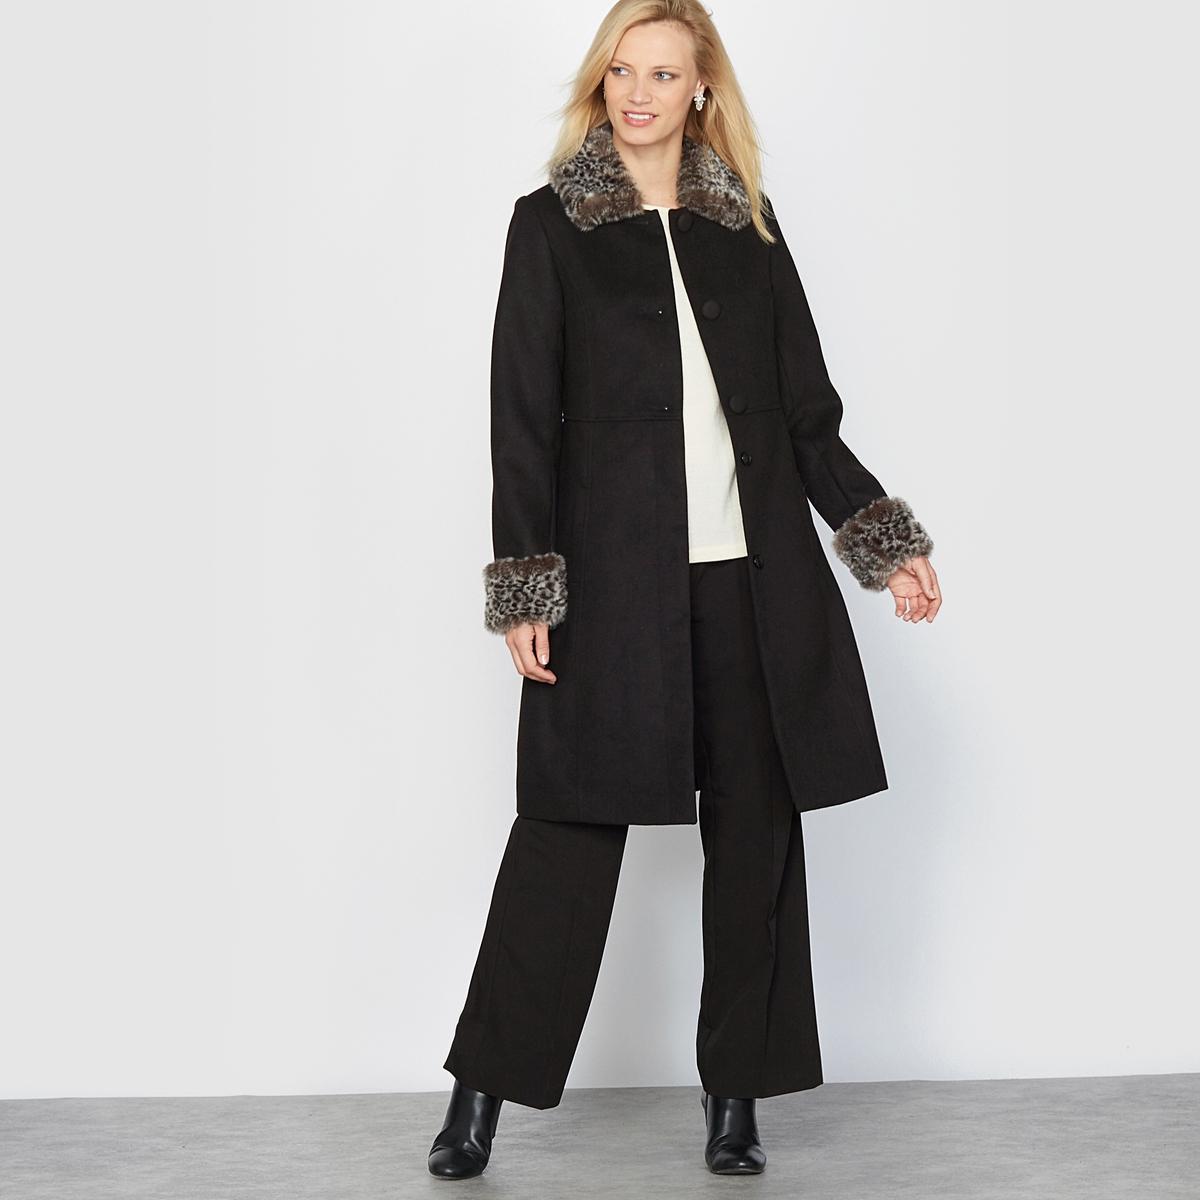 Пальто длинное под шерстяной драпПальто. Невероятно стильное пальто с отделкой, имитирующей мех, и имитацией кожи на воротнике и внизу рукавов .  Отрезная деталь по талии. Встречная складка сзади с хлястиком. Застежка на 3 невидимые пуговицы и 2 невидимые пуговицы, начиная с пояса. Прорезные карманы. Состав и описание:Материал: Красивая ткань под шерстяной драп 88% полиэстера, 10% вискозы, 2% эластана .Подкладка: 100% полиэстер.Длина 95 см.Марка: Anne Weyburn.Уход:Сухая чистка.Гладить при умеренной температуре.<br><br>Цвет: черный<br>Размер: 38 (FR) - 44 (RUS)